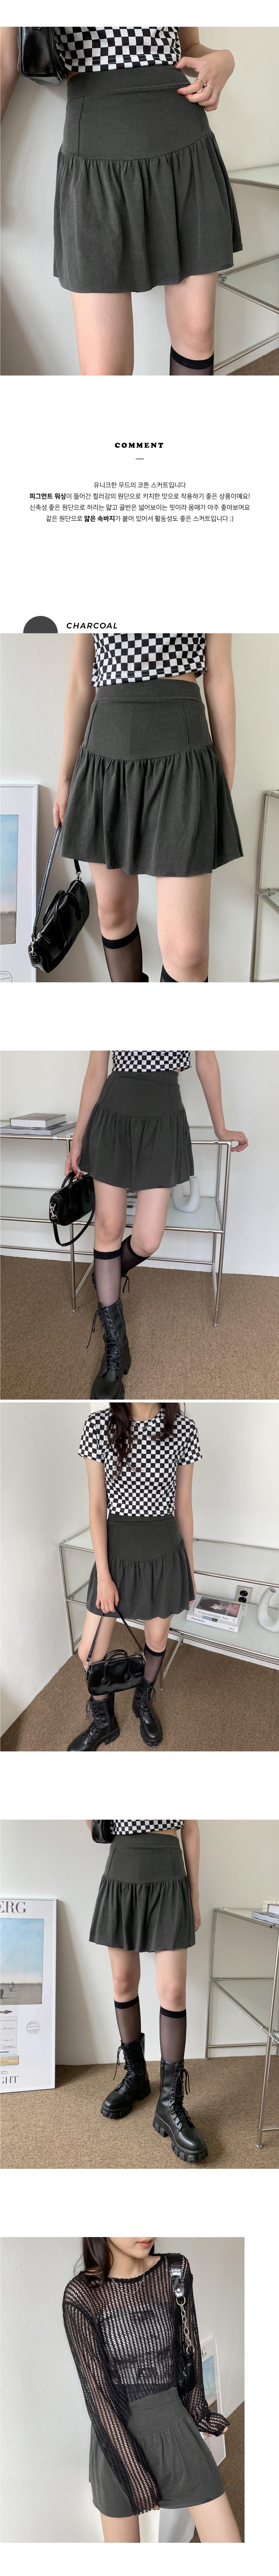 Bonnet Pigment Faded Skirt